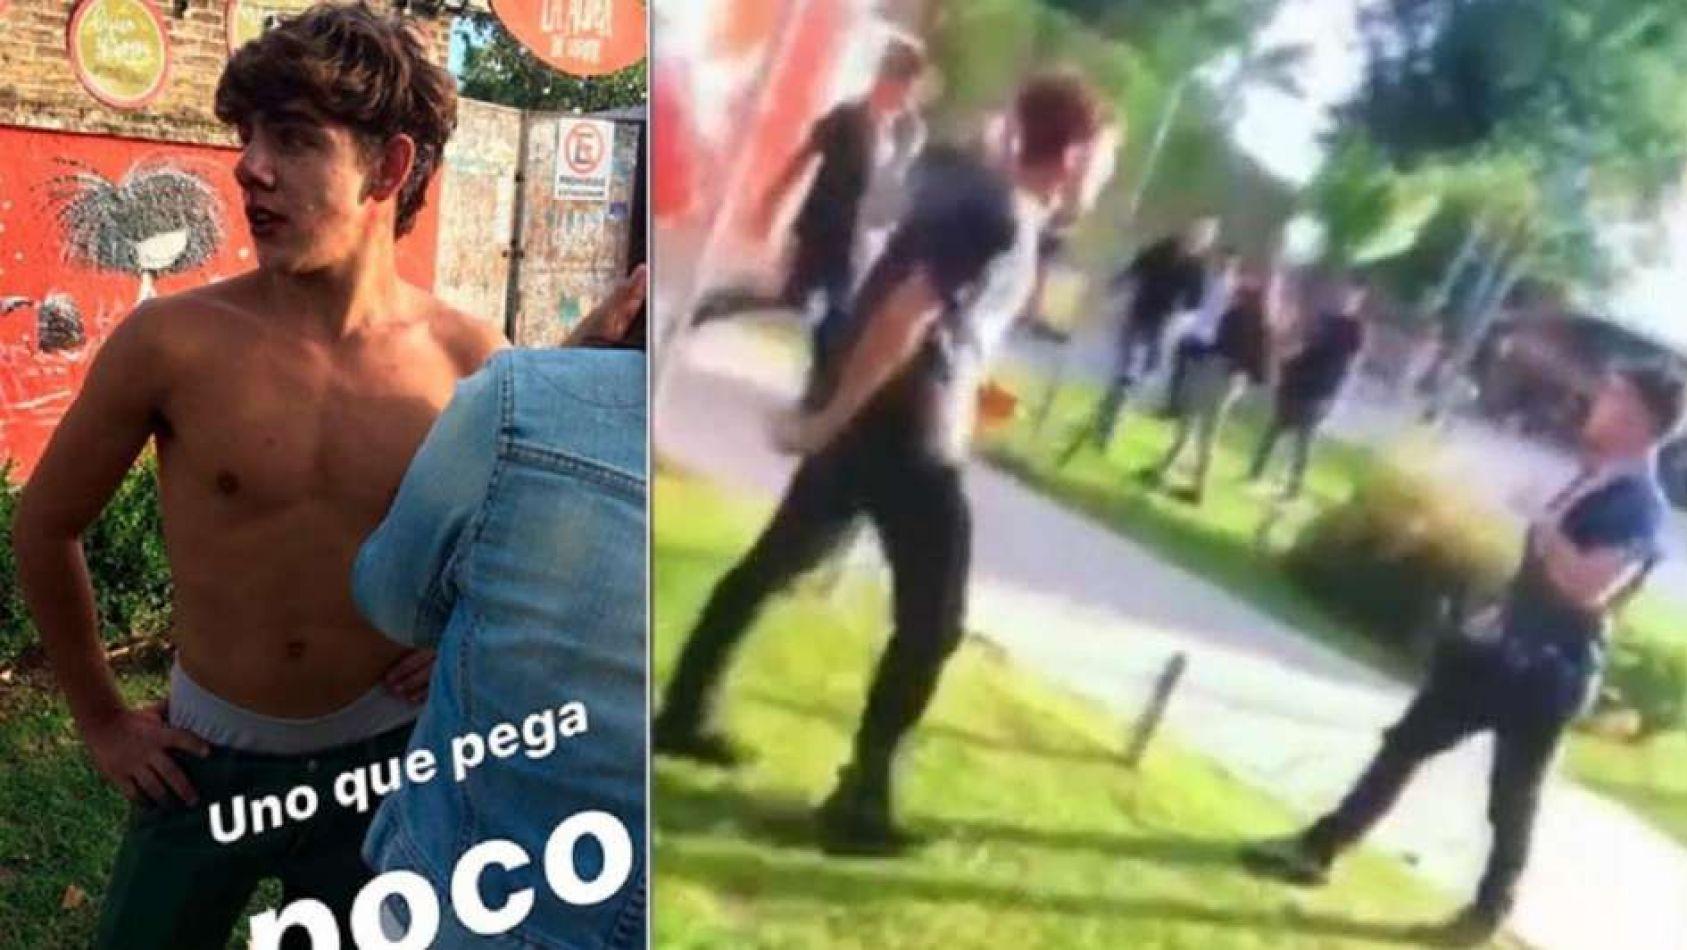 [VIDEO] El video inédito de los rugbiers asesinos: molieron a golpes a otro chico